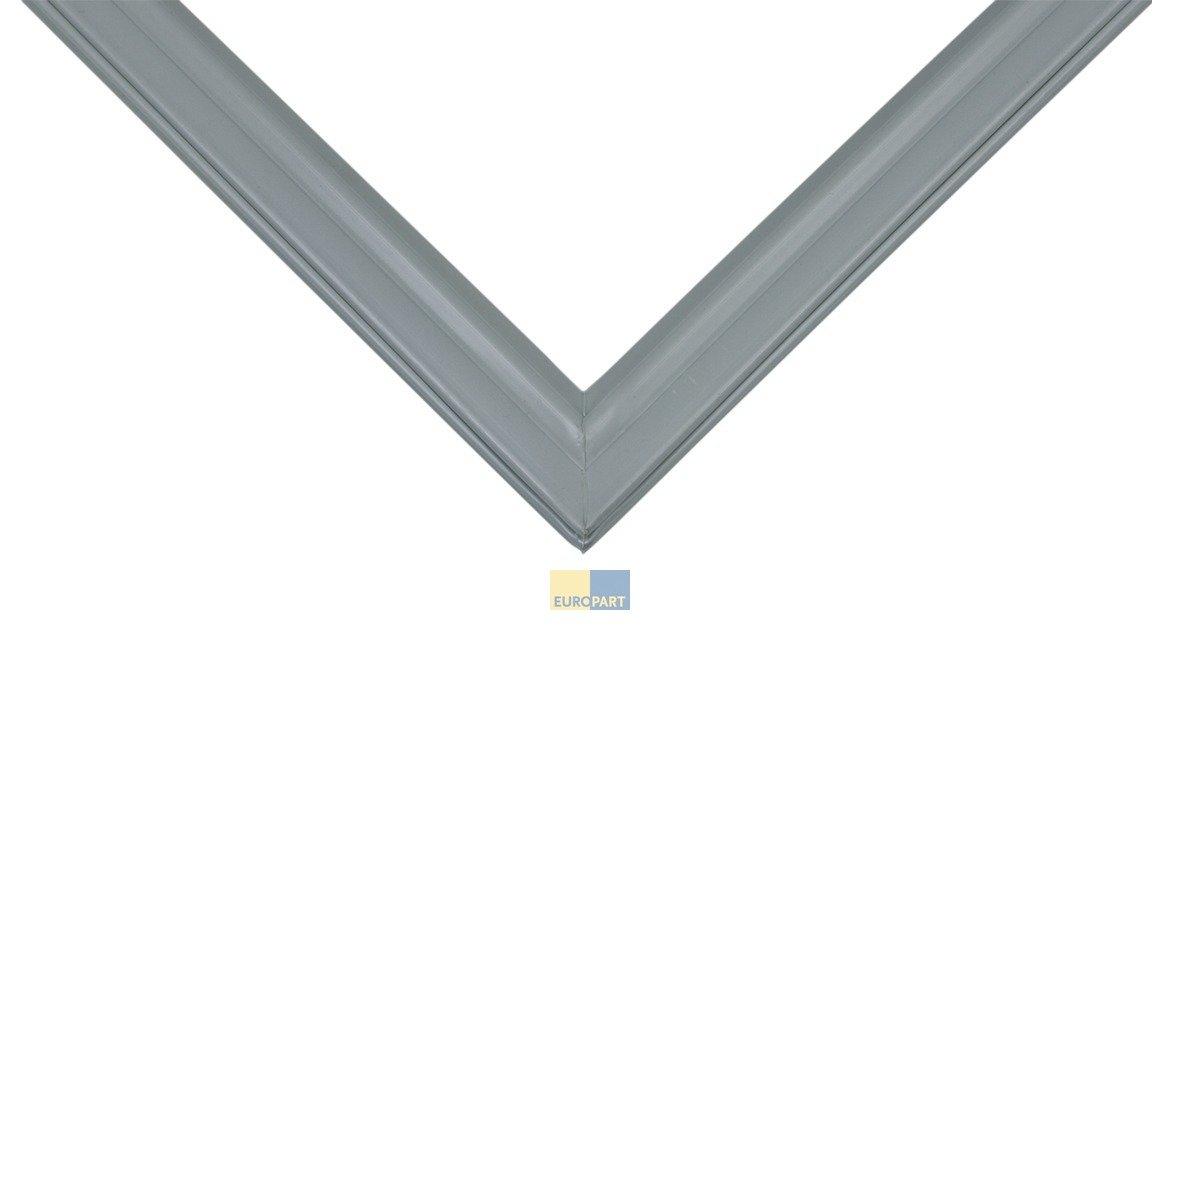 Bauknecht Whirlpool Türdichtung 4-seitig Dichtung Gummi Kühlschrank 481246668082